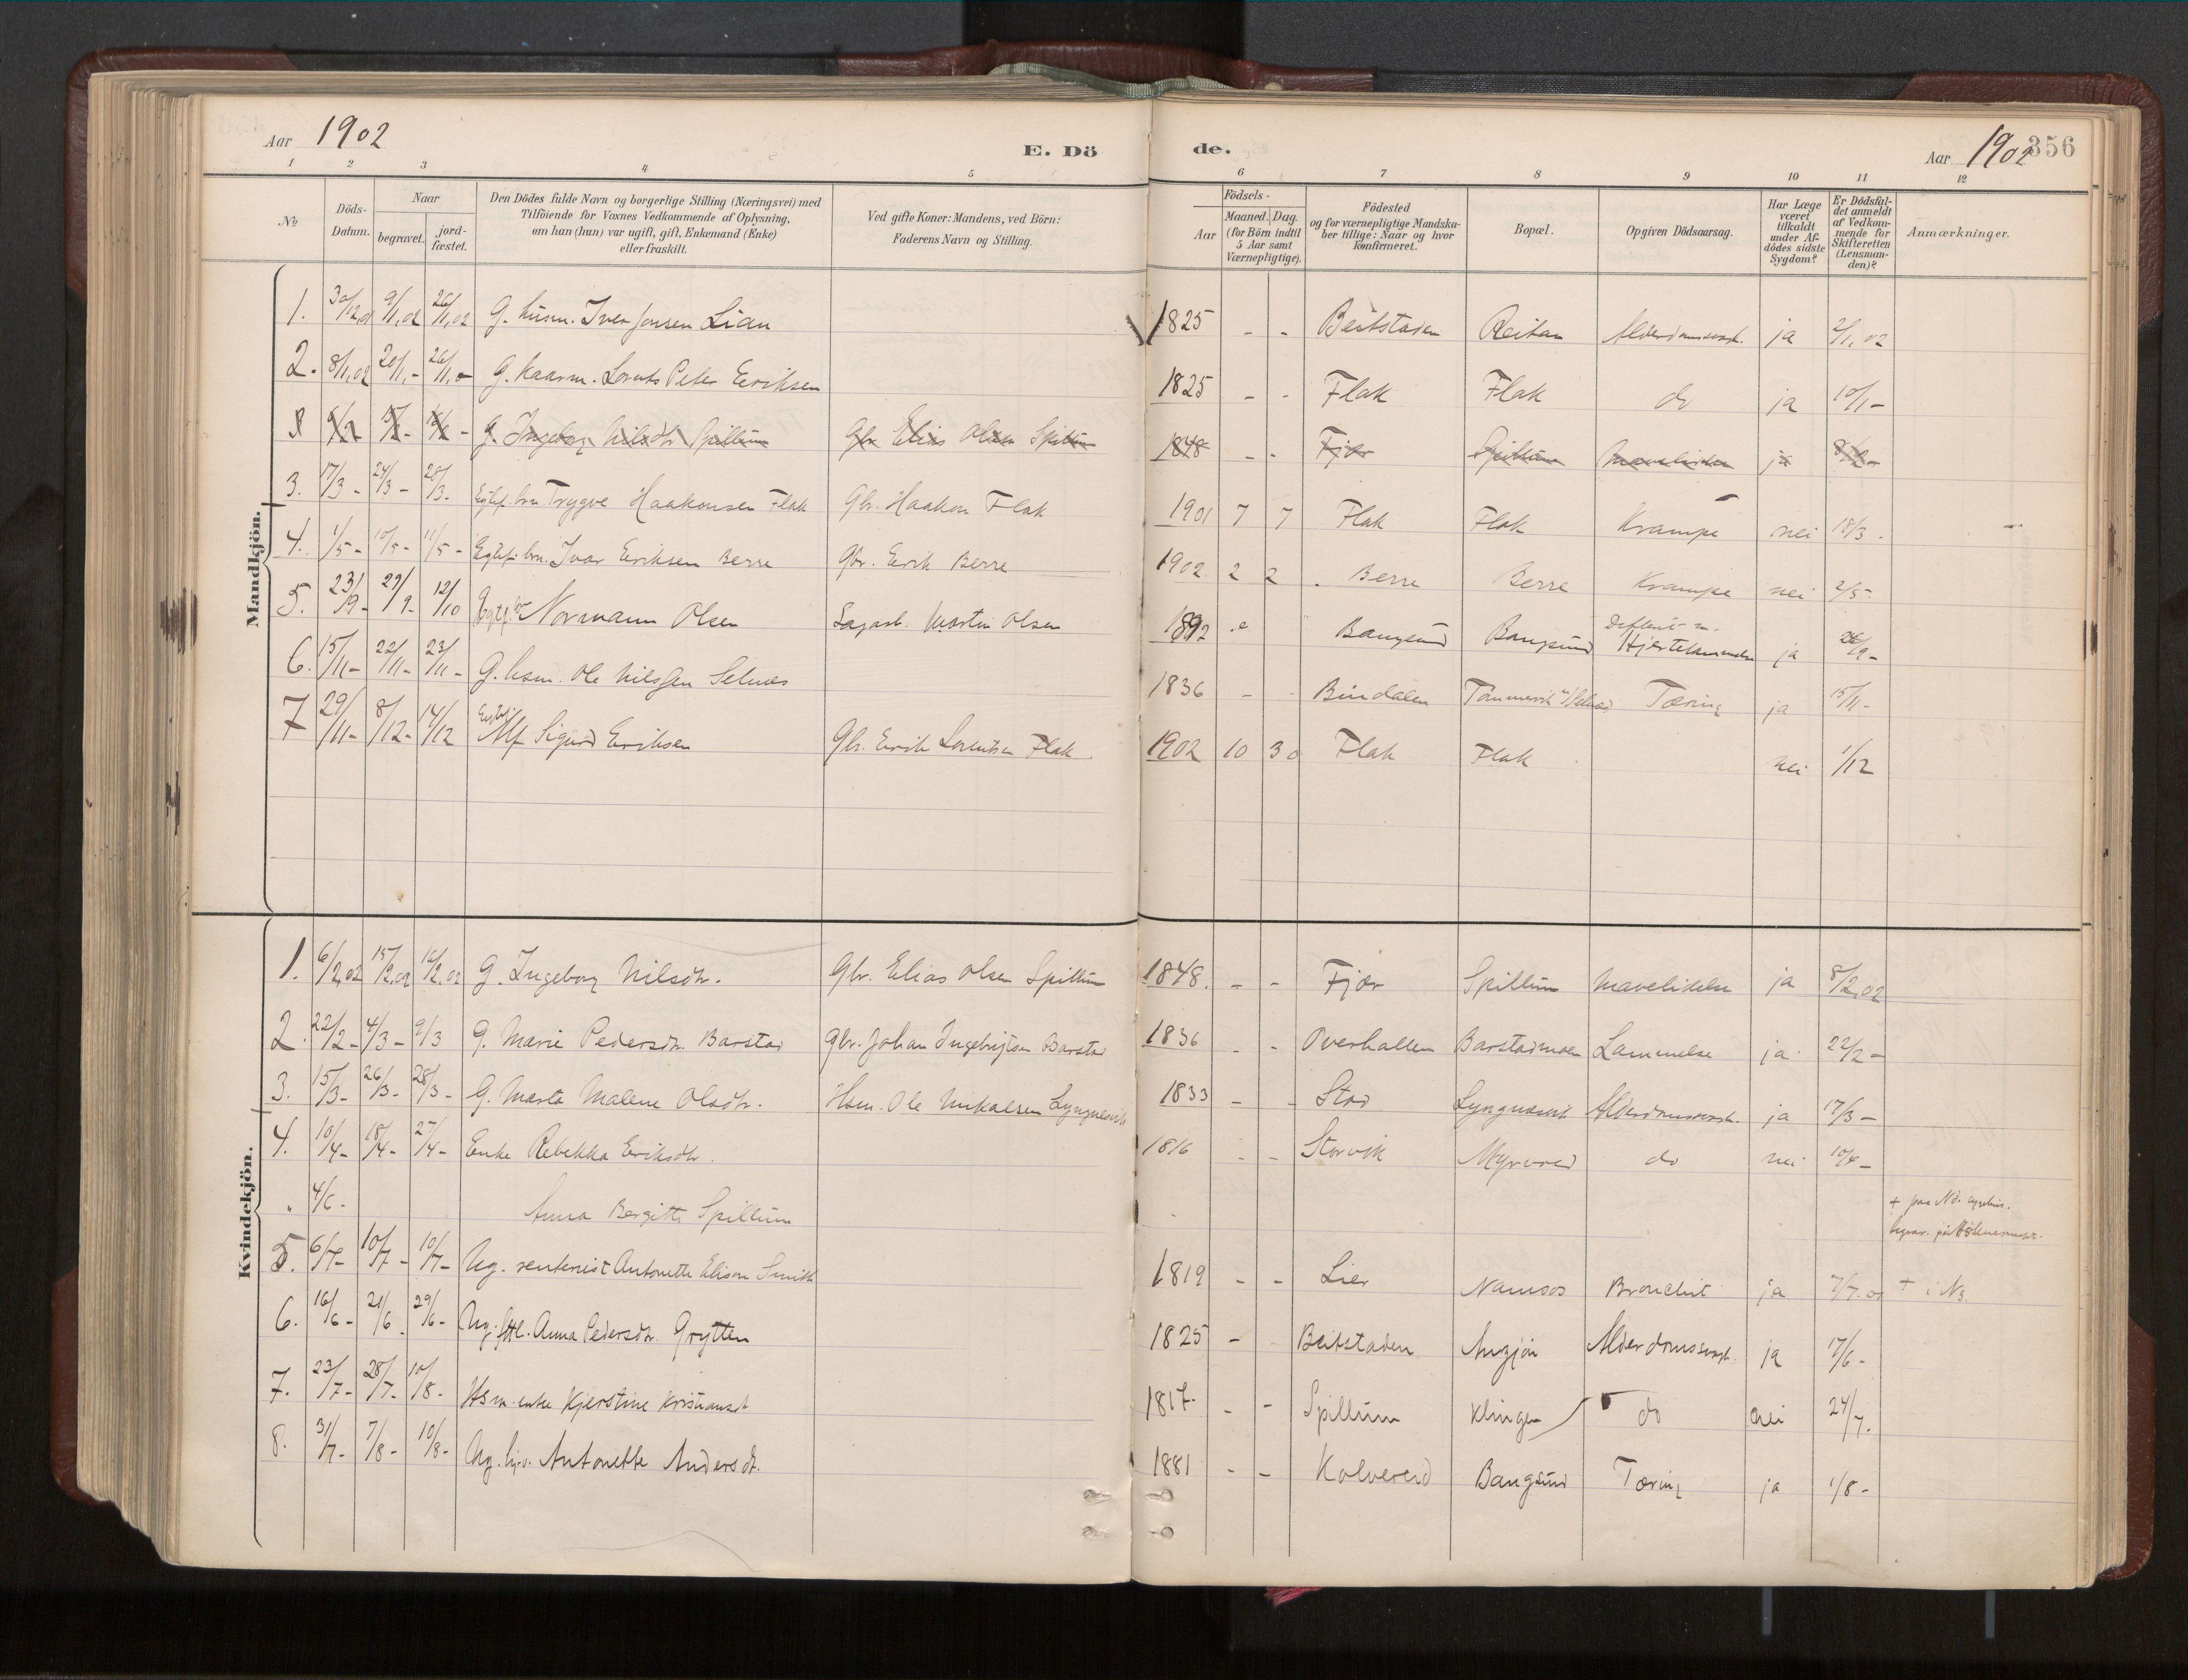 SAT, Ministerialprotokoller, klokkerbøker og fødselsregistre - Nord-Trøndelag, 770/L0589: Ministerialbok nr. 770A03, 1887-1929, s. 356